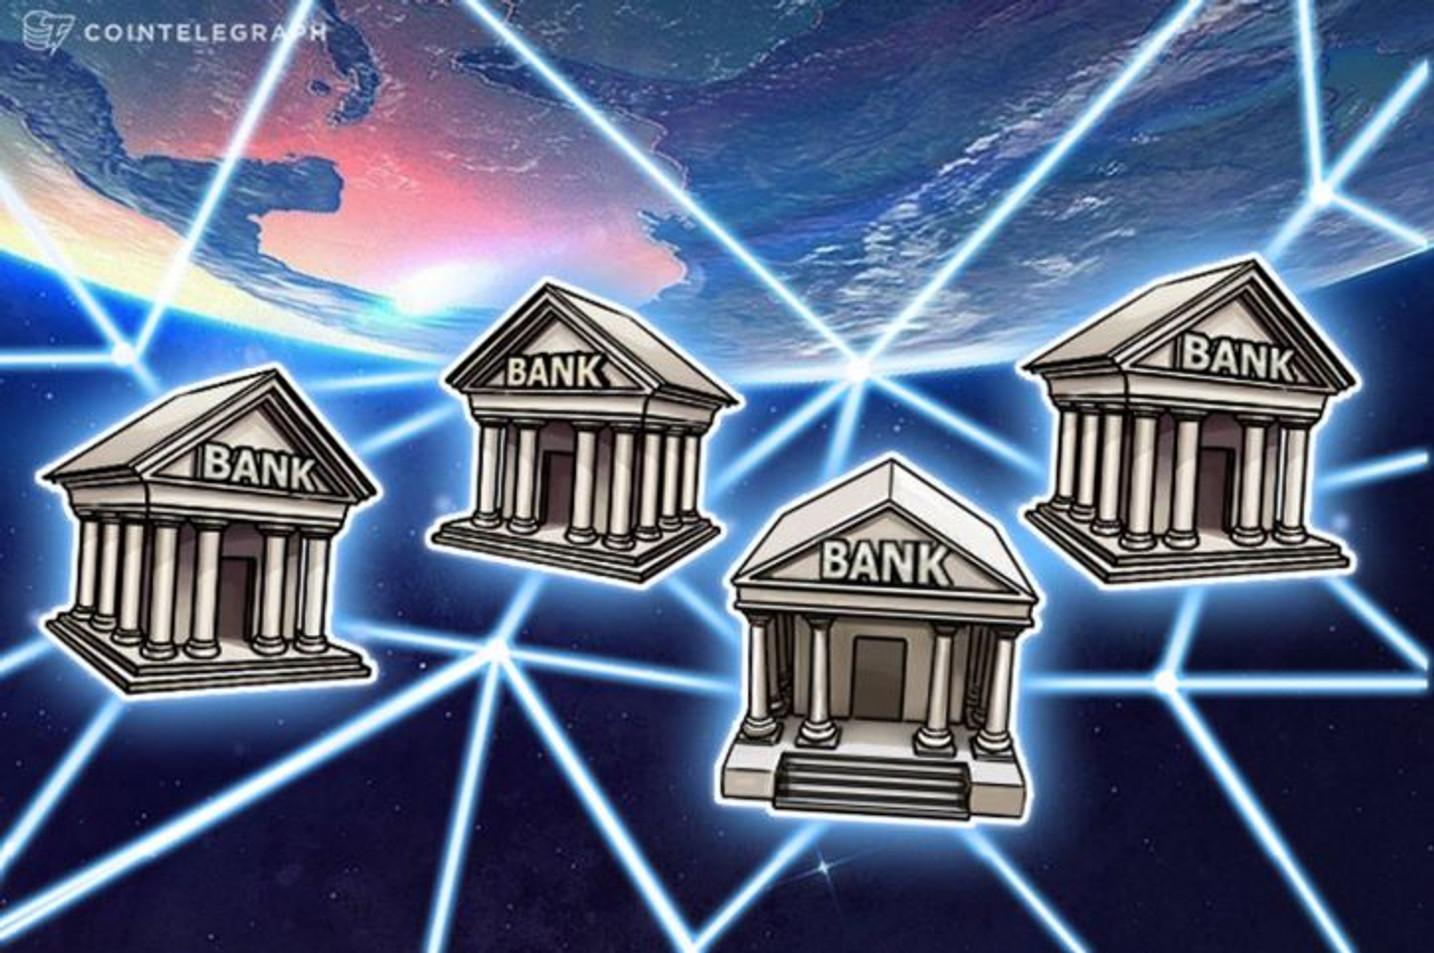 欧州の銀行グループ、ブロックチェーンを使ったライブ越境金融取引を完了